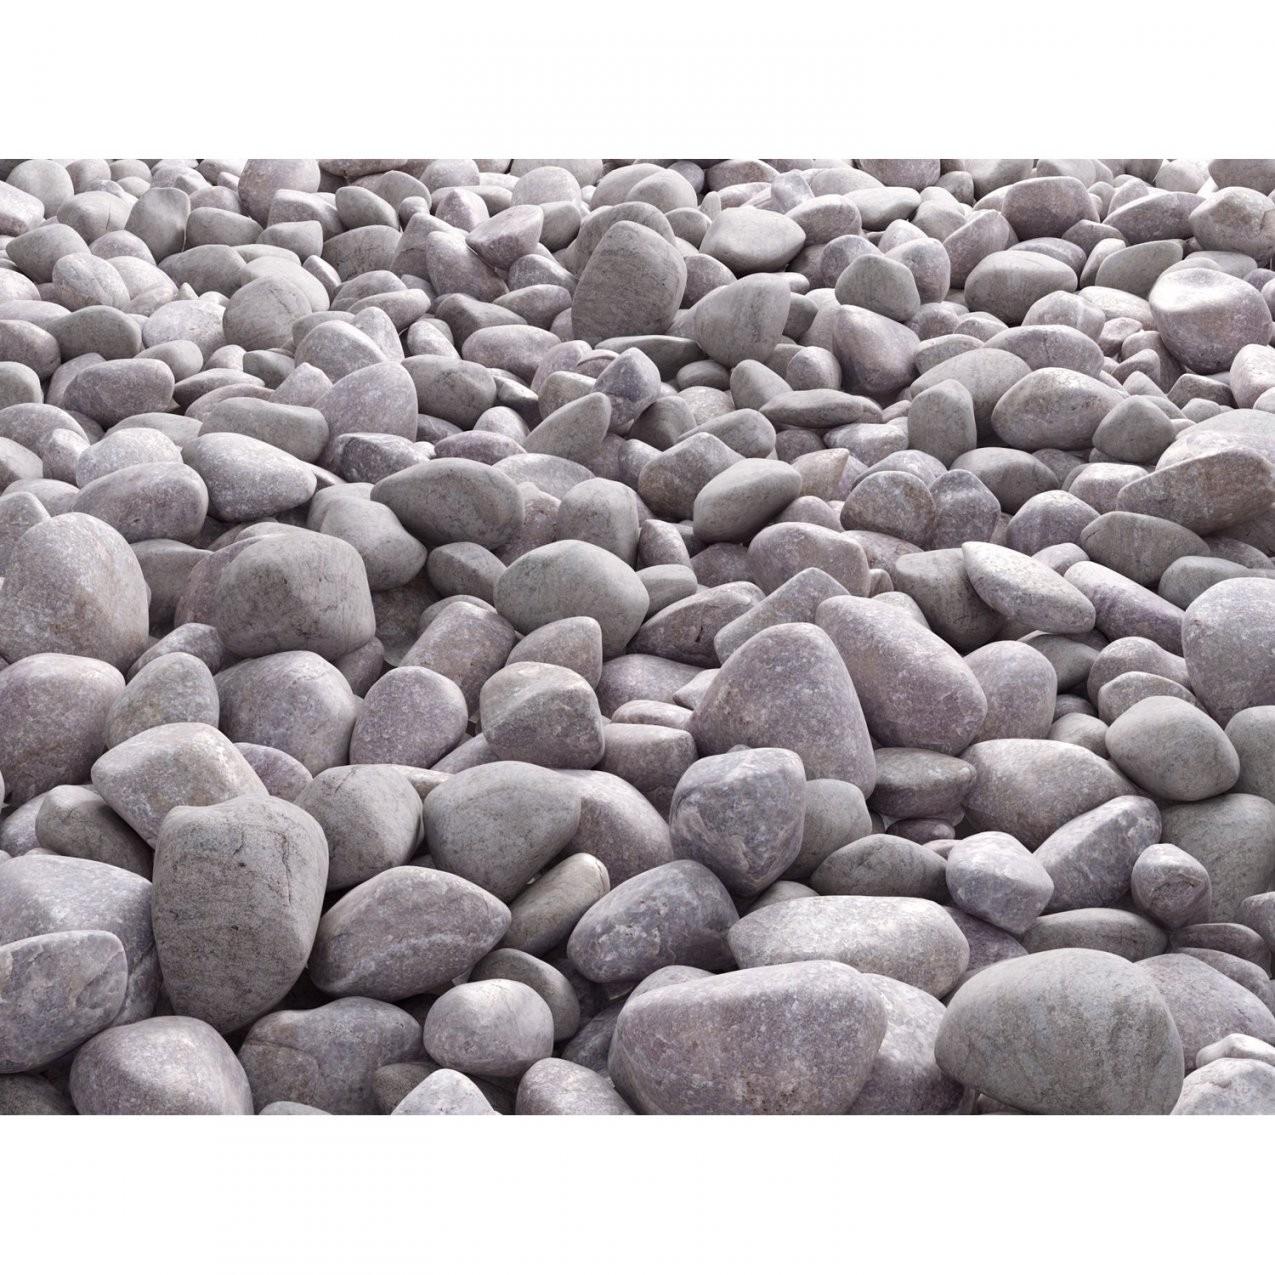 Steine Kaufen Bei Obi von Steine Für Garten Kaufen Bild